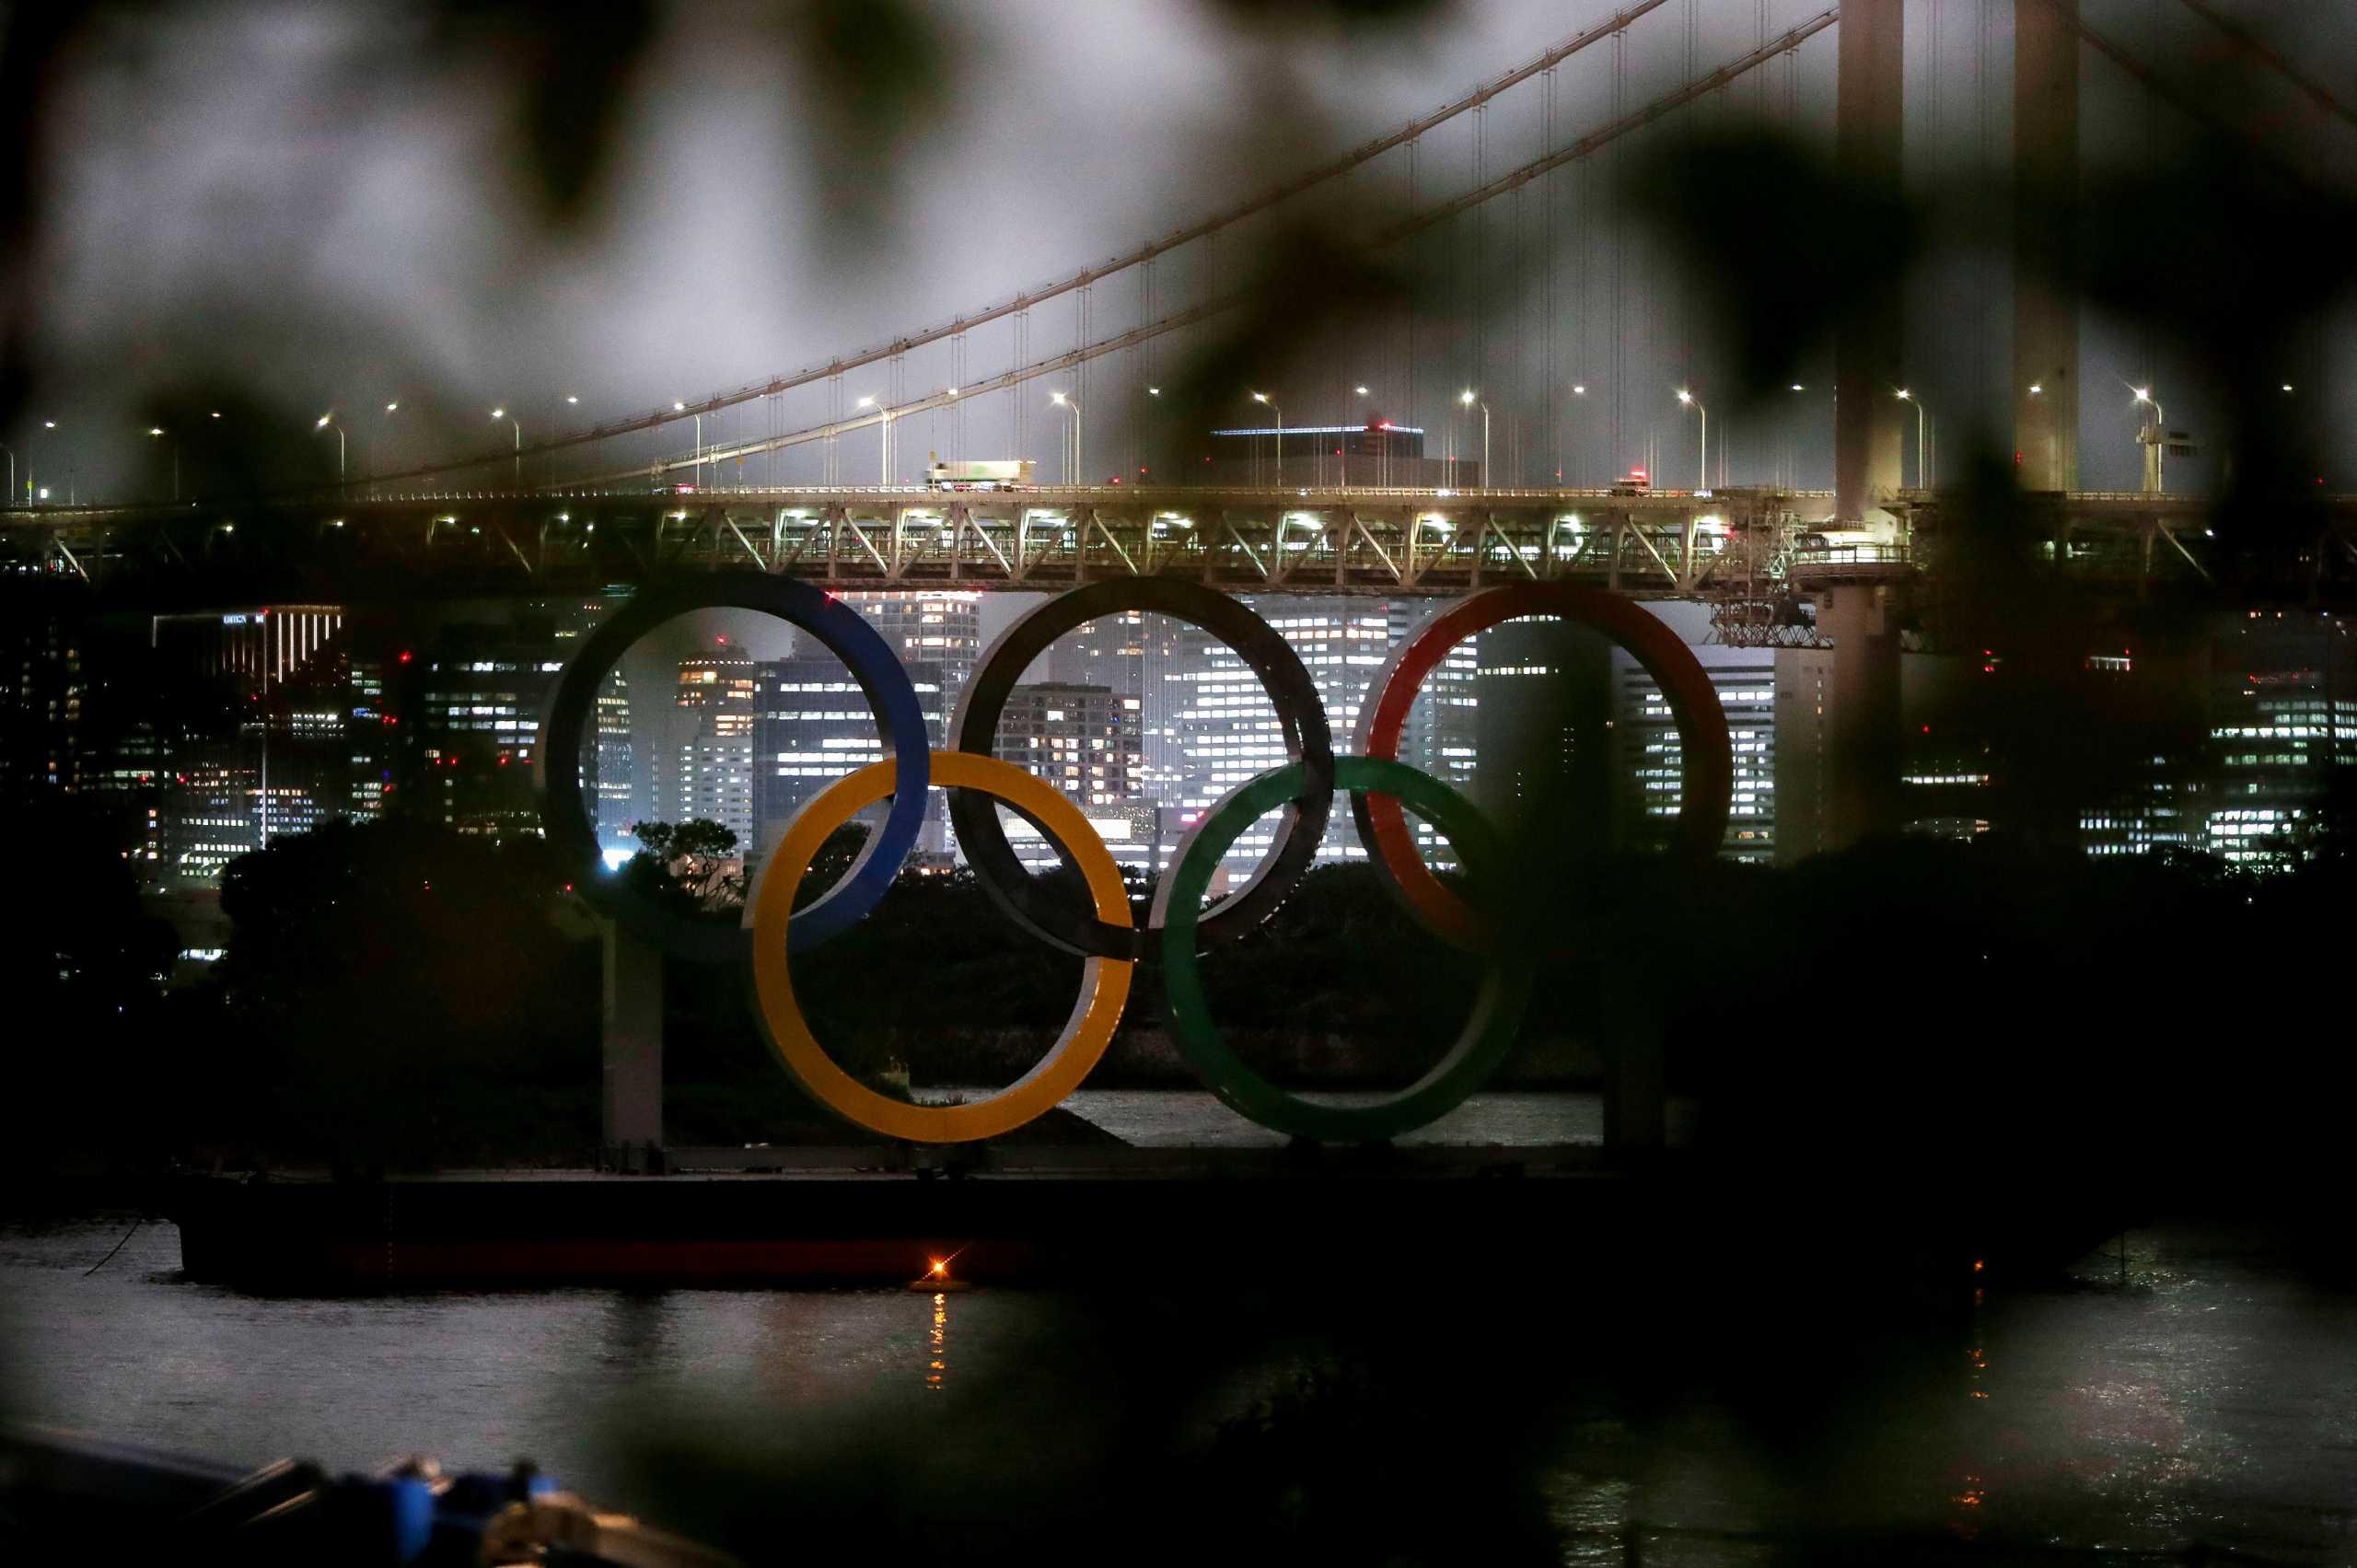 Ολυμπιακοί Αγώνες Τόκιο: Αρχίζει ο εμβολιασμός για τους συμμετέχοντες